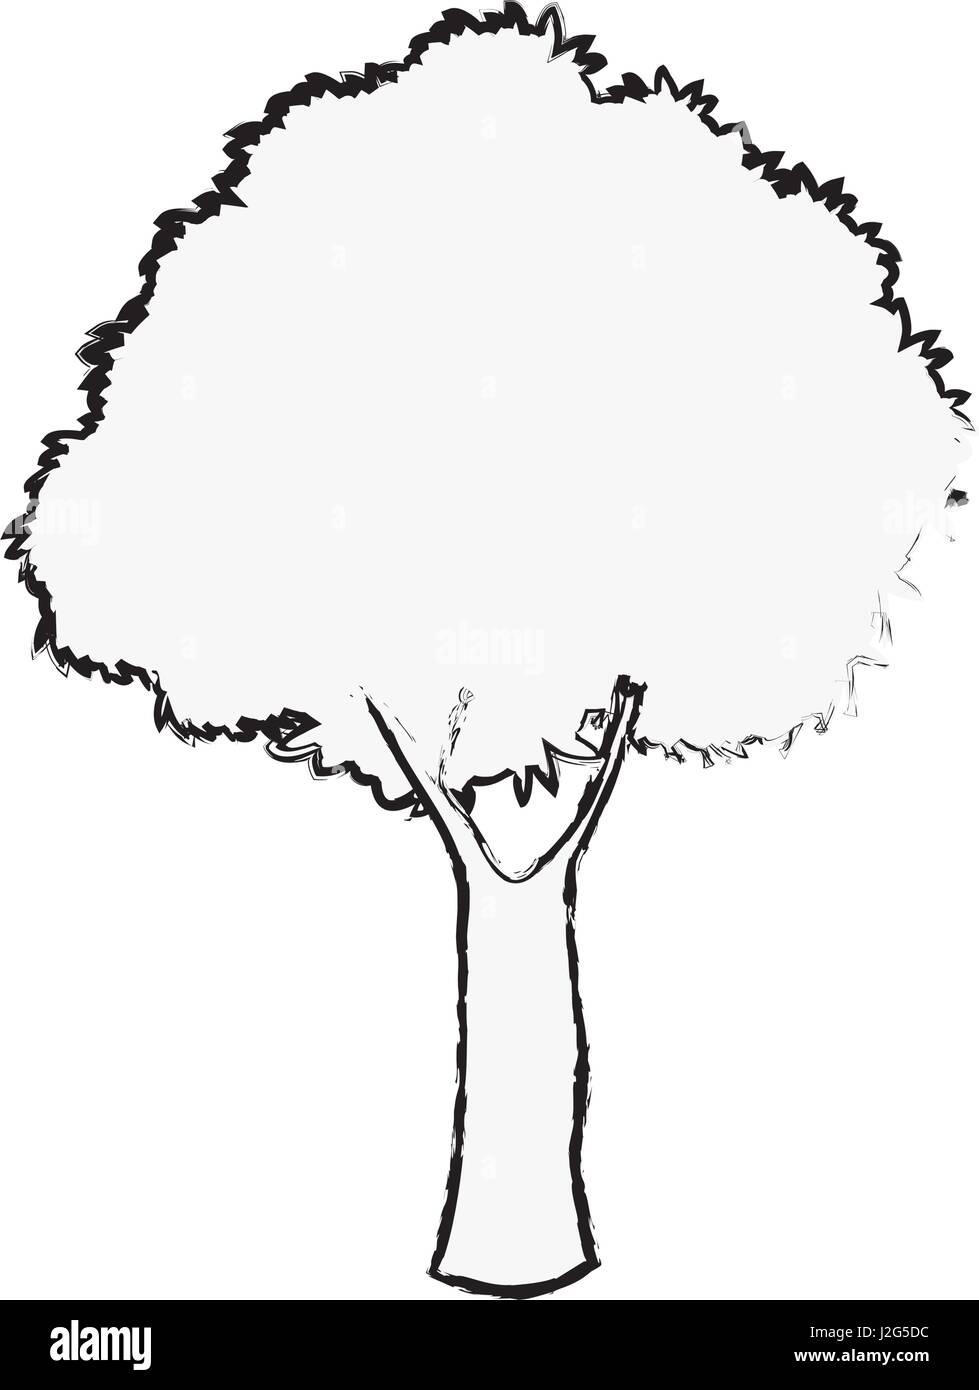 eiche baum laub Ökosystem pflanze skizze vektor abbildung - bild